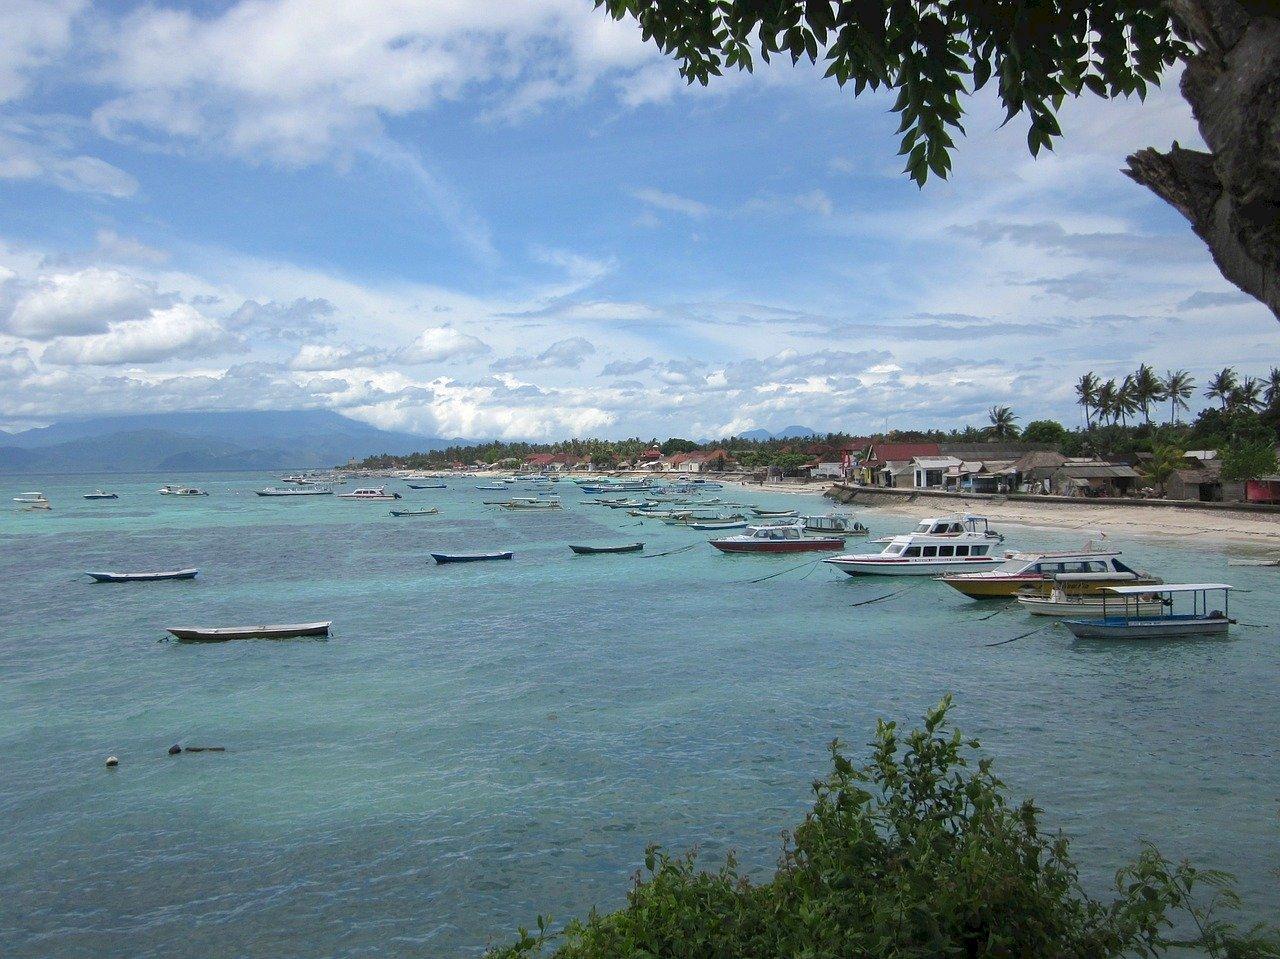 印尼旅遊開發踐踏人權 發展經濟也應重視原住民權益